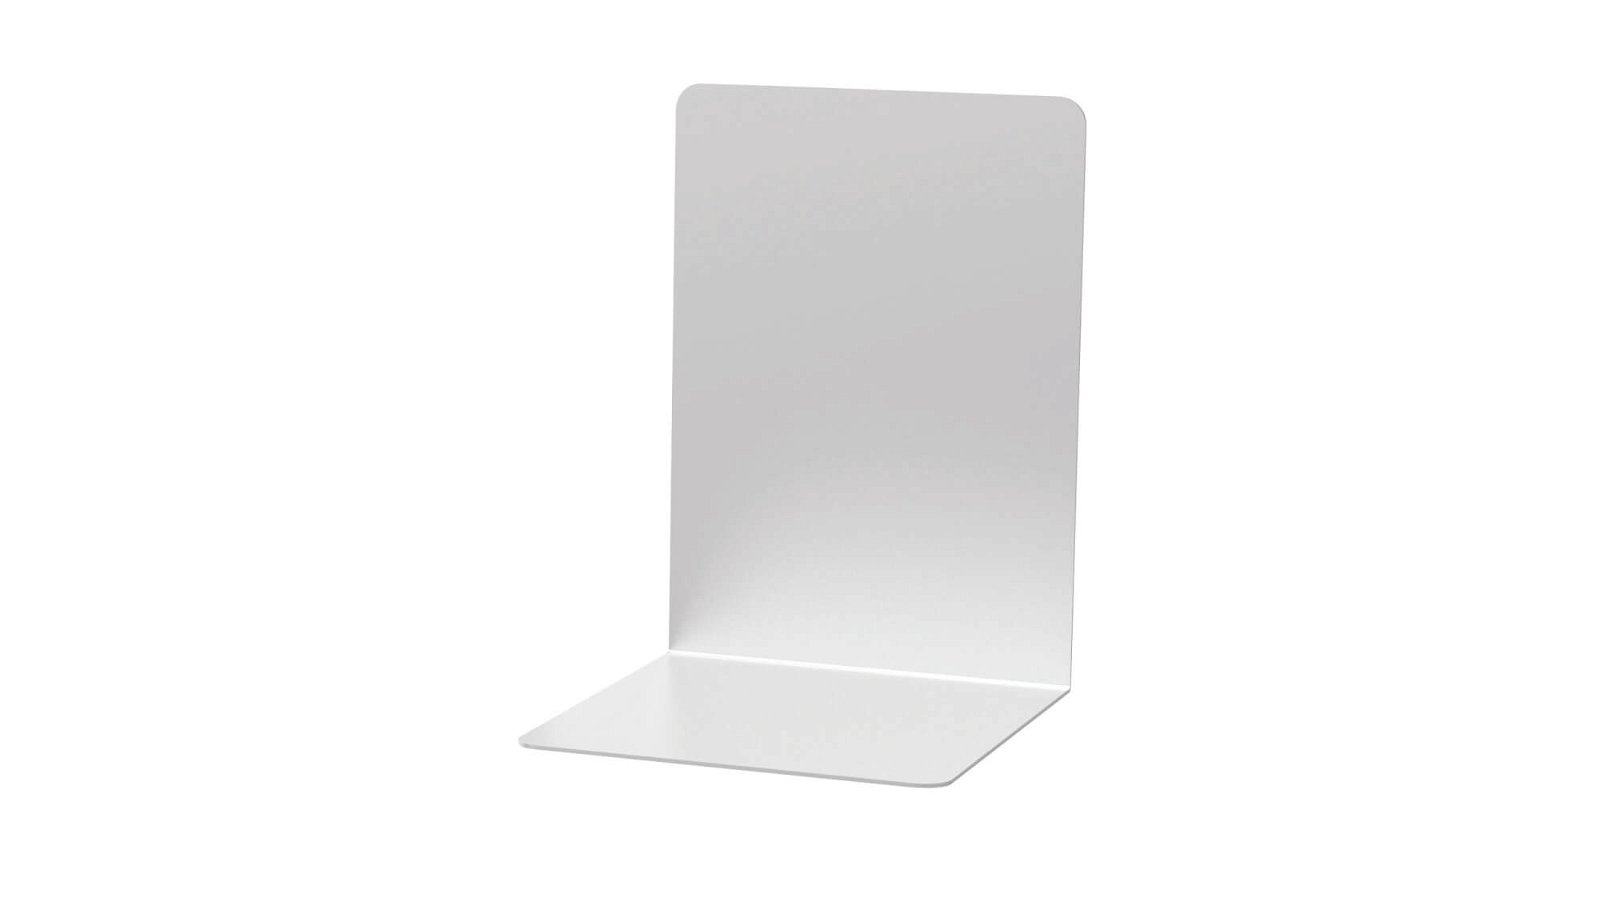 Buchstützen aus Aluminium, 16 x 15 x 21 cm, aluminium